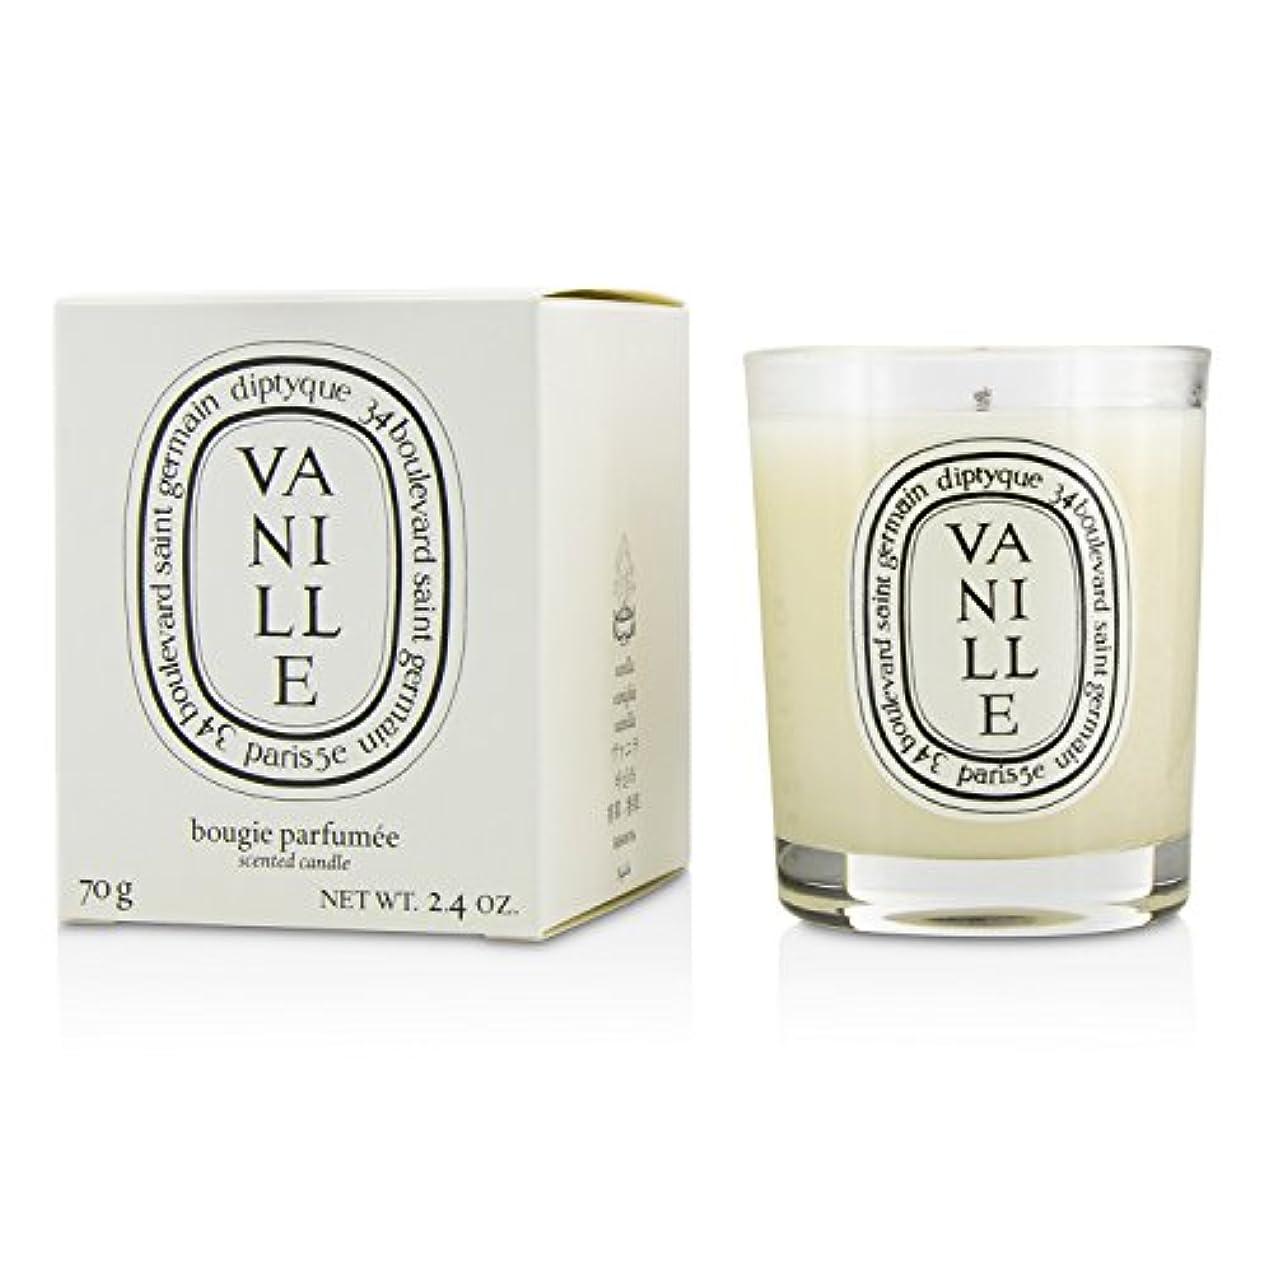 レイアディレイ旅ディプティック Scented Candle - Vanille (Vanilla) 70g/2.4oz並行輸入品